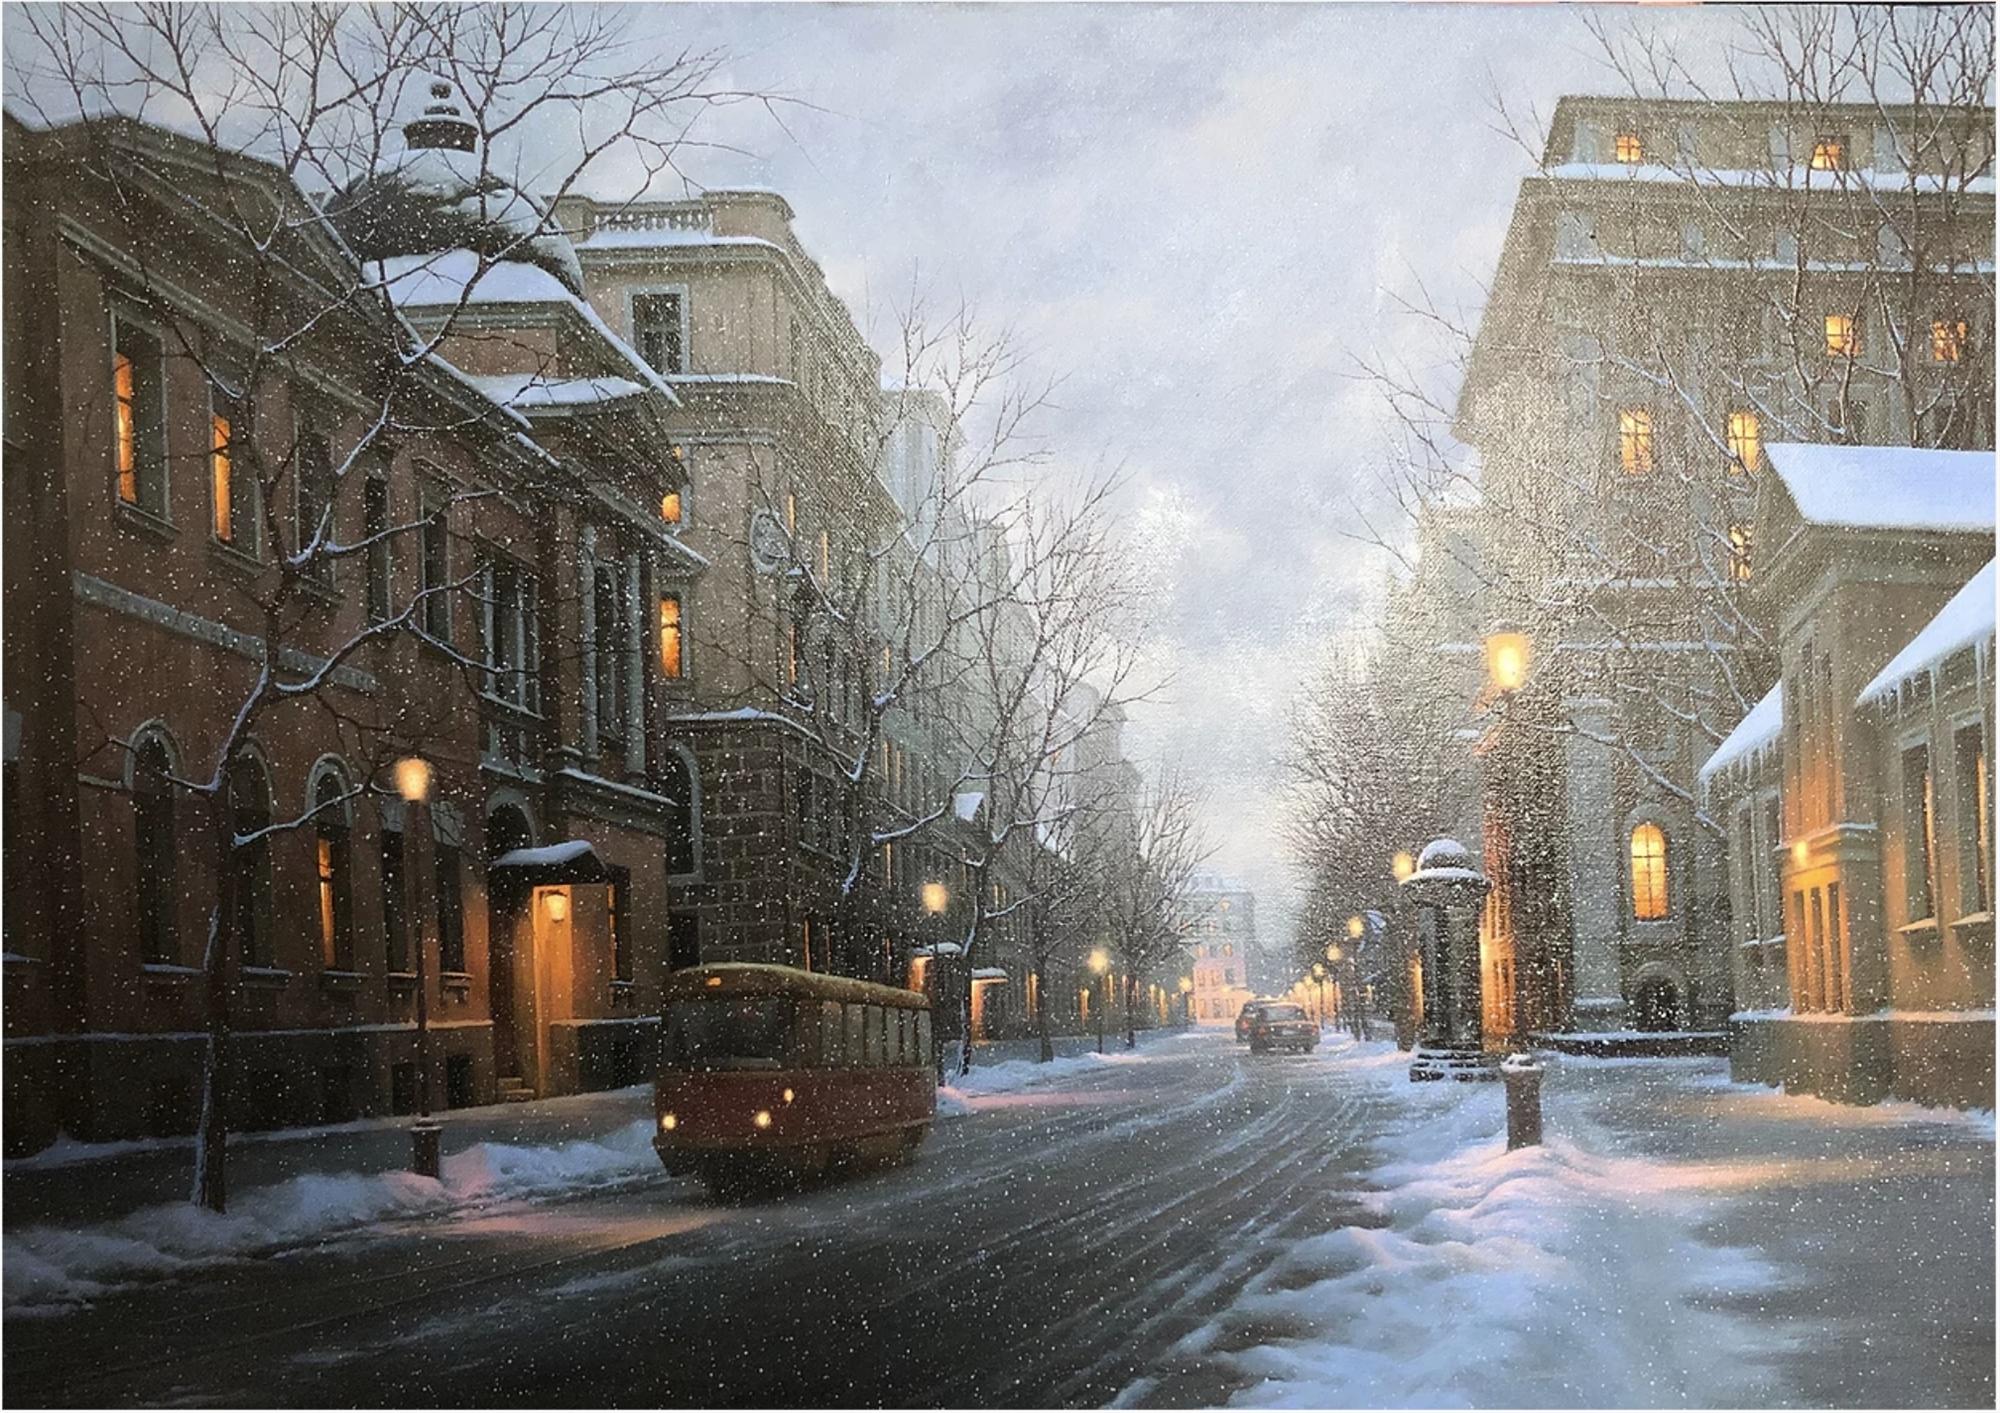 Wistful Streetcar by Alexei Butirskiy